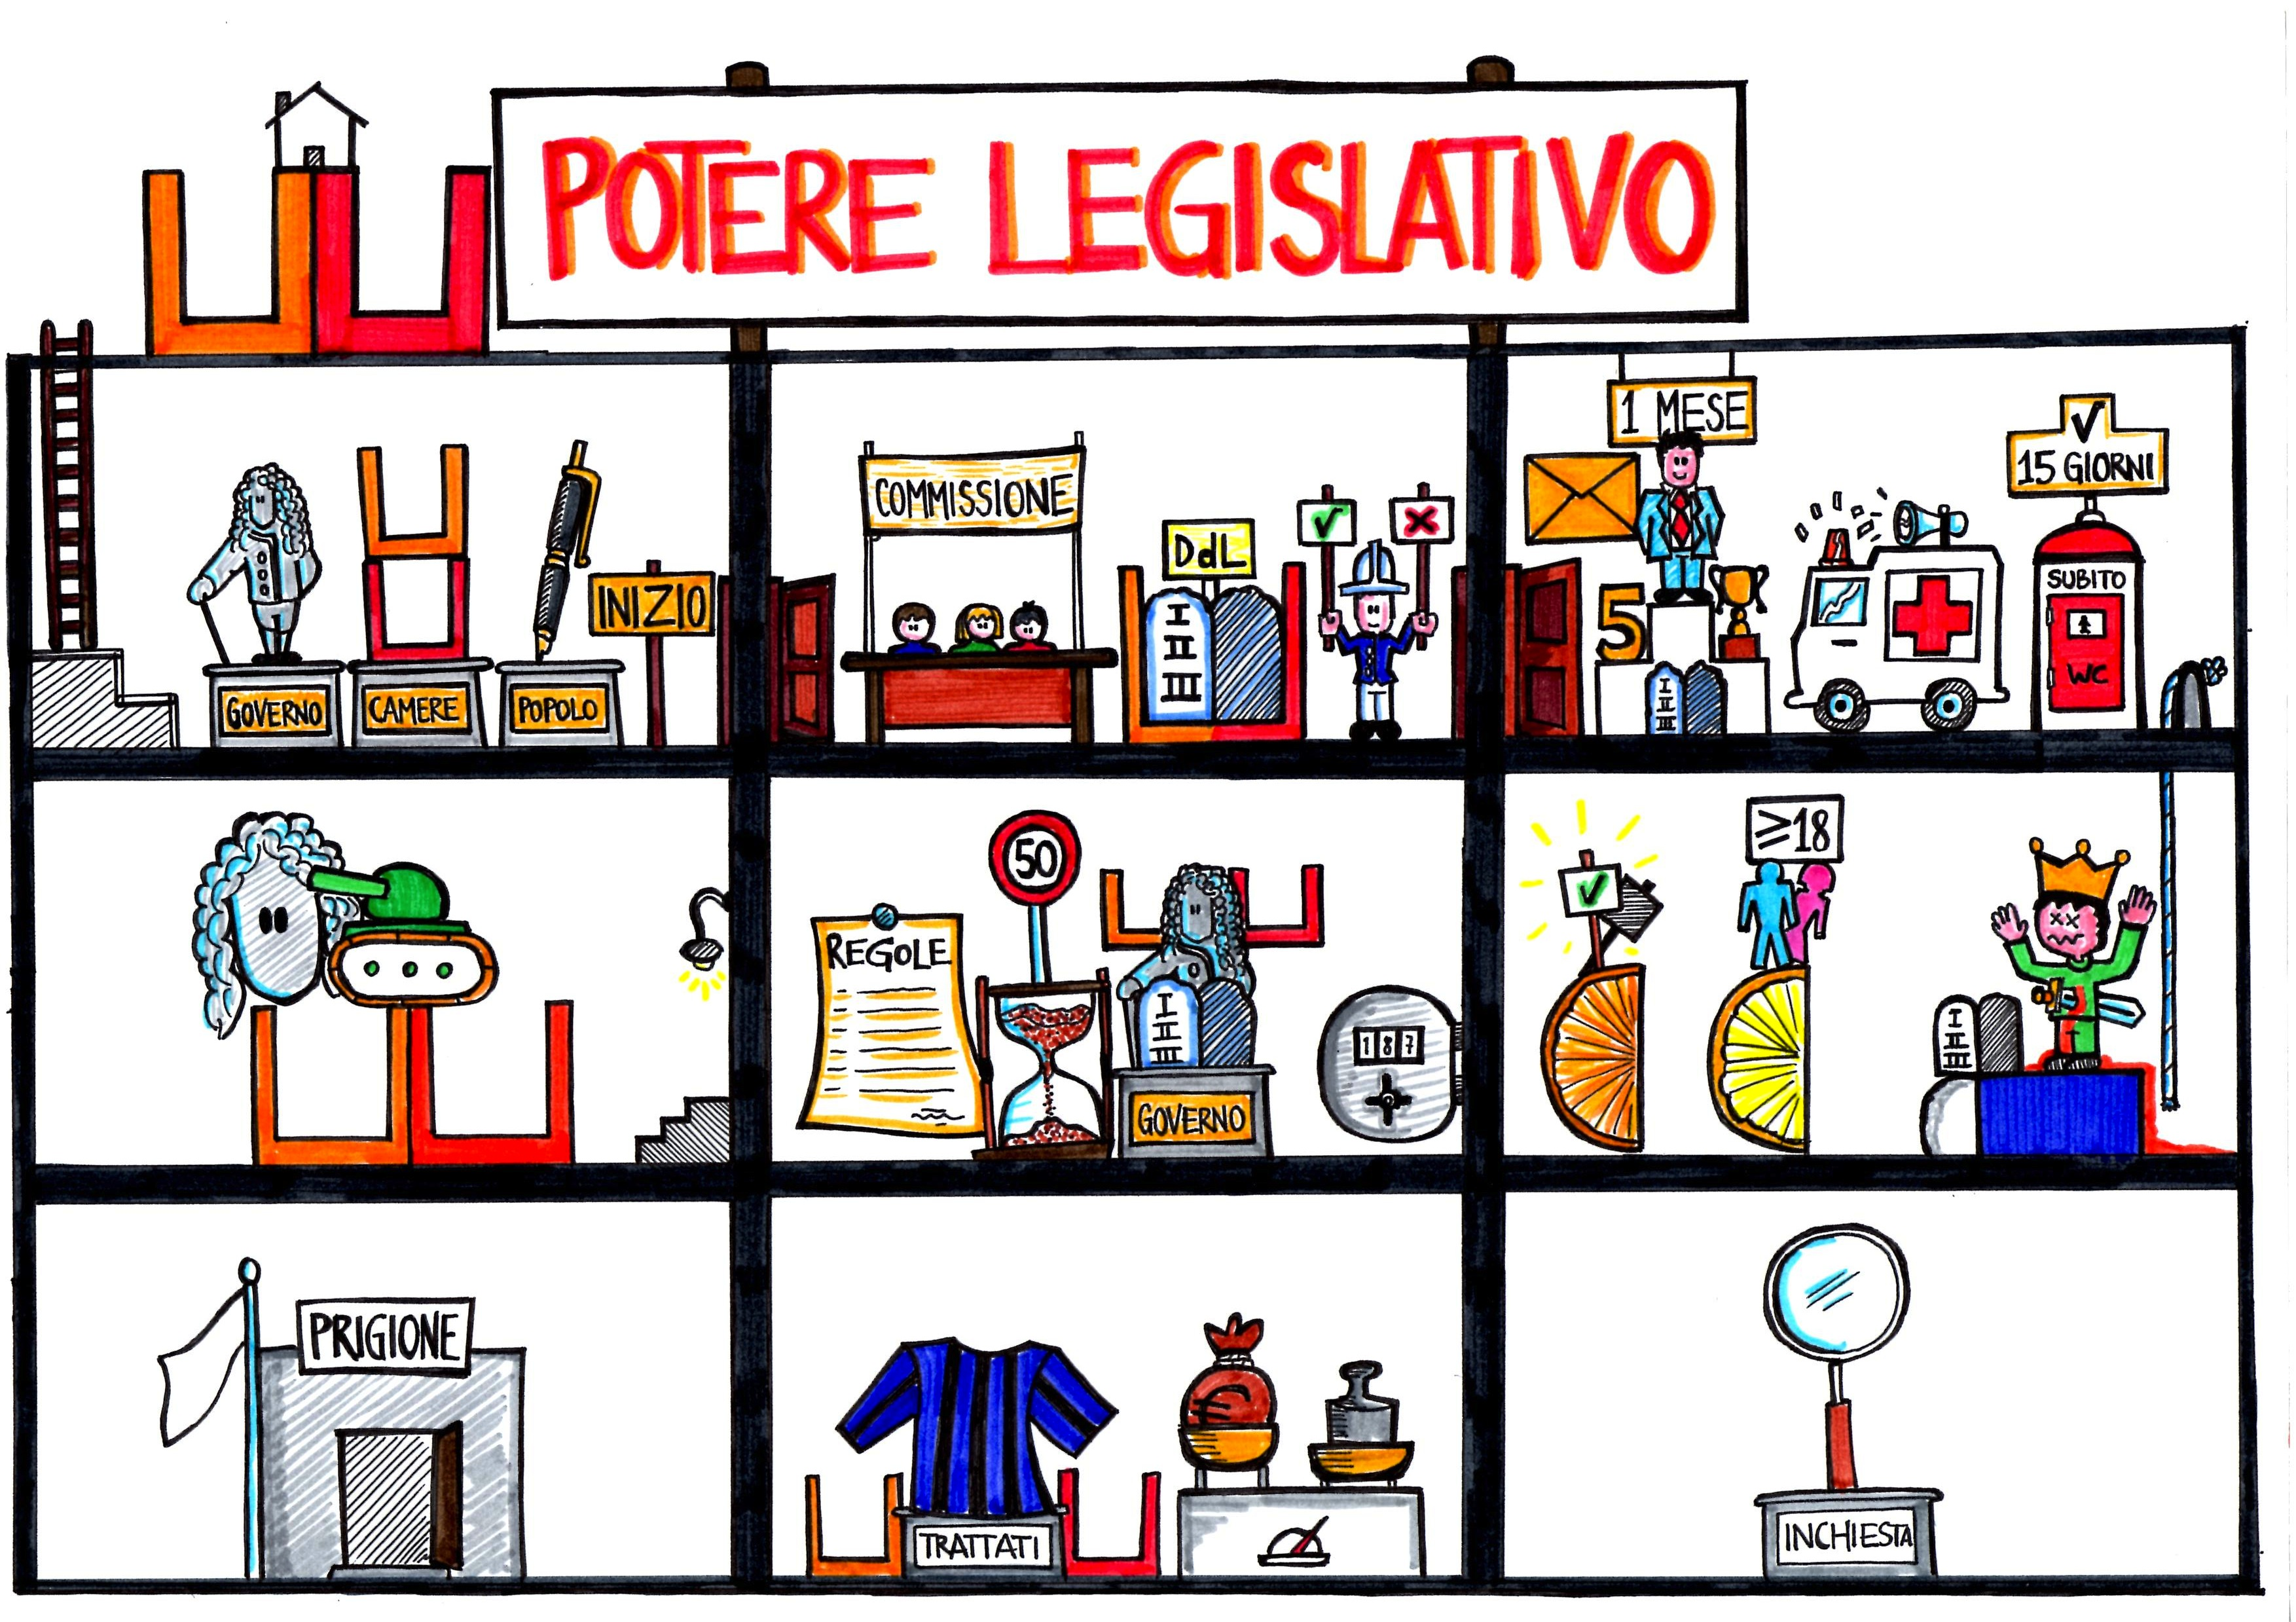 Cittadinanza e costituzione diegocare 39 s blog for Formazione parlamento